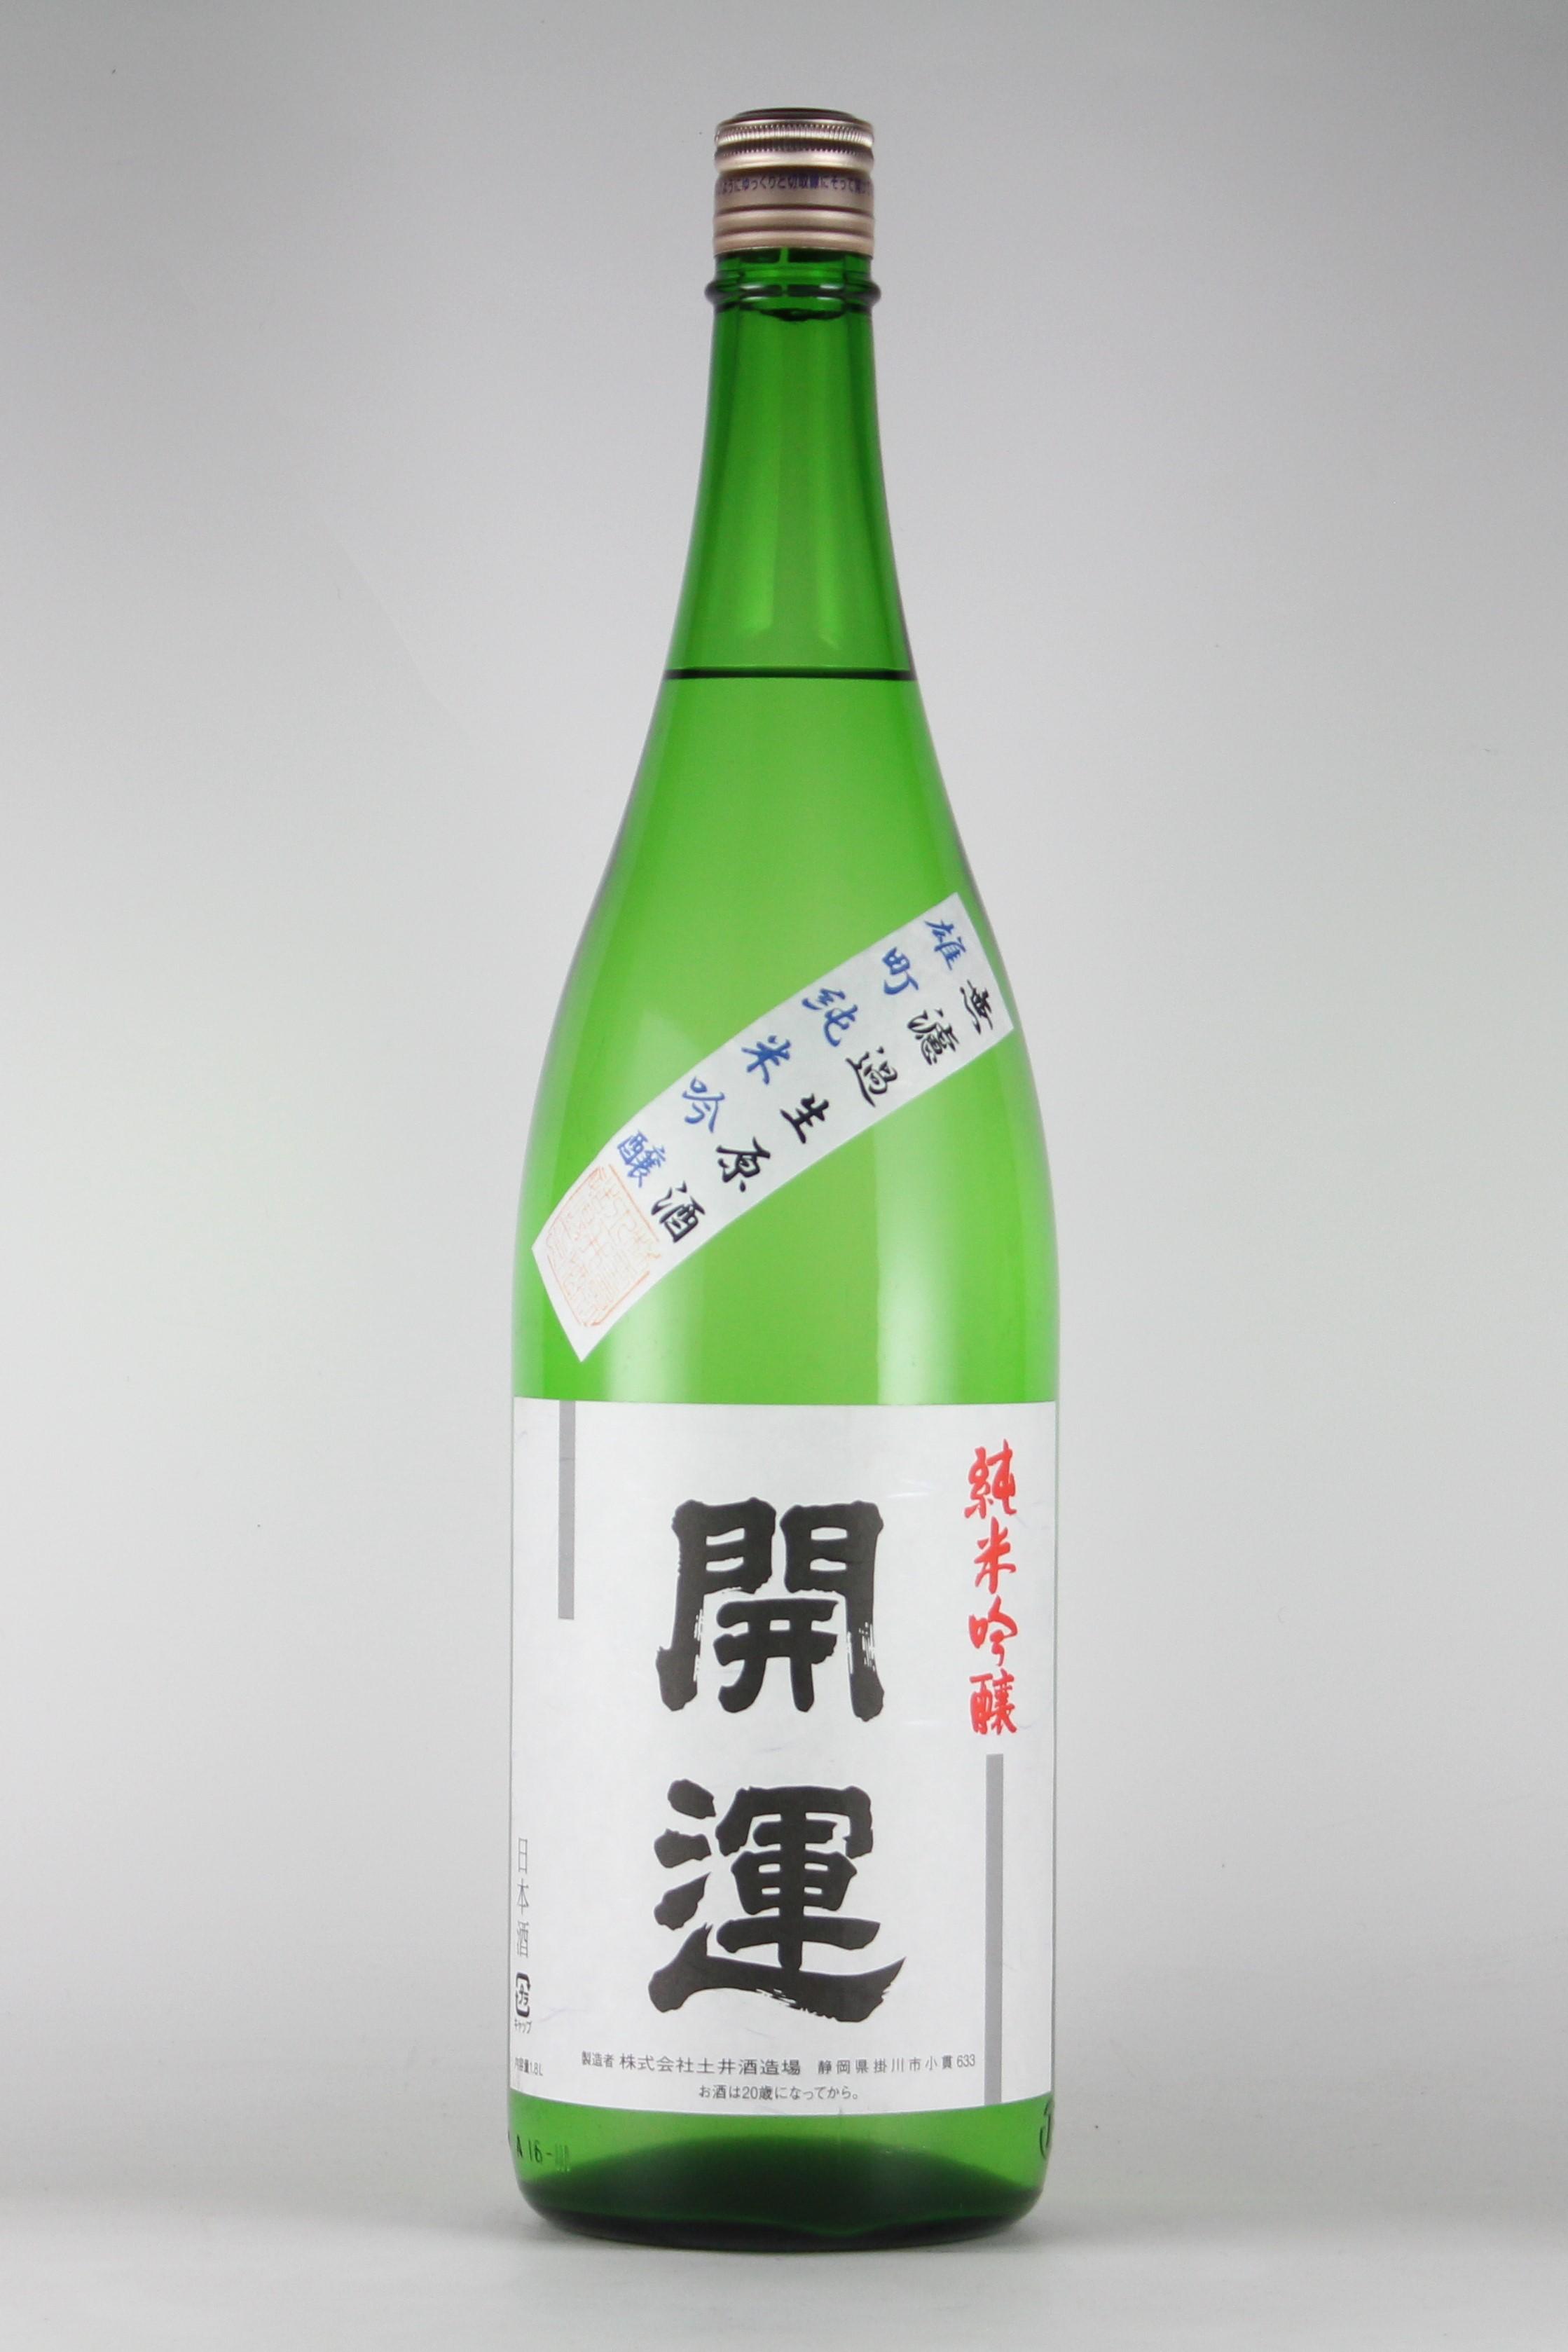 開運 純米吟醸無濾過生原酒 雄町 1800ml 【静岡/土井酒造場】